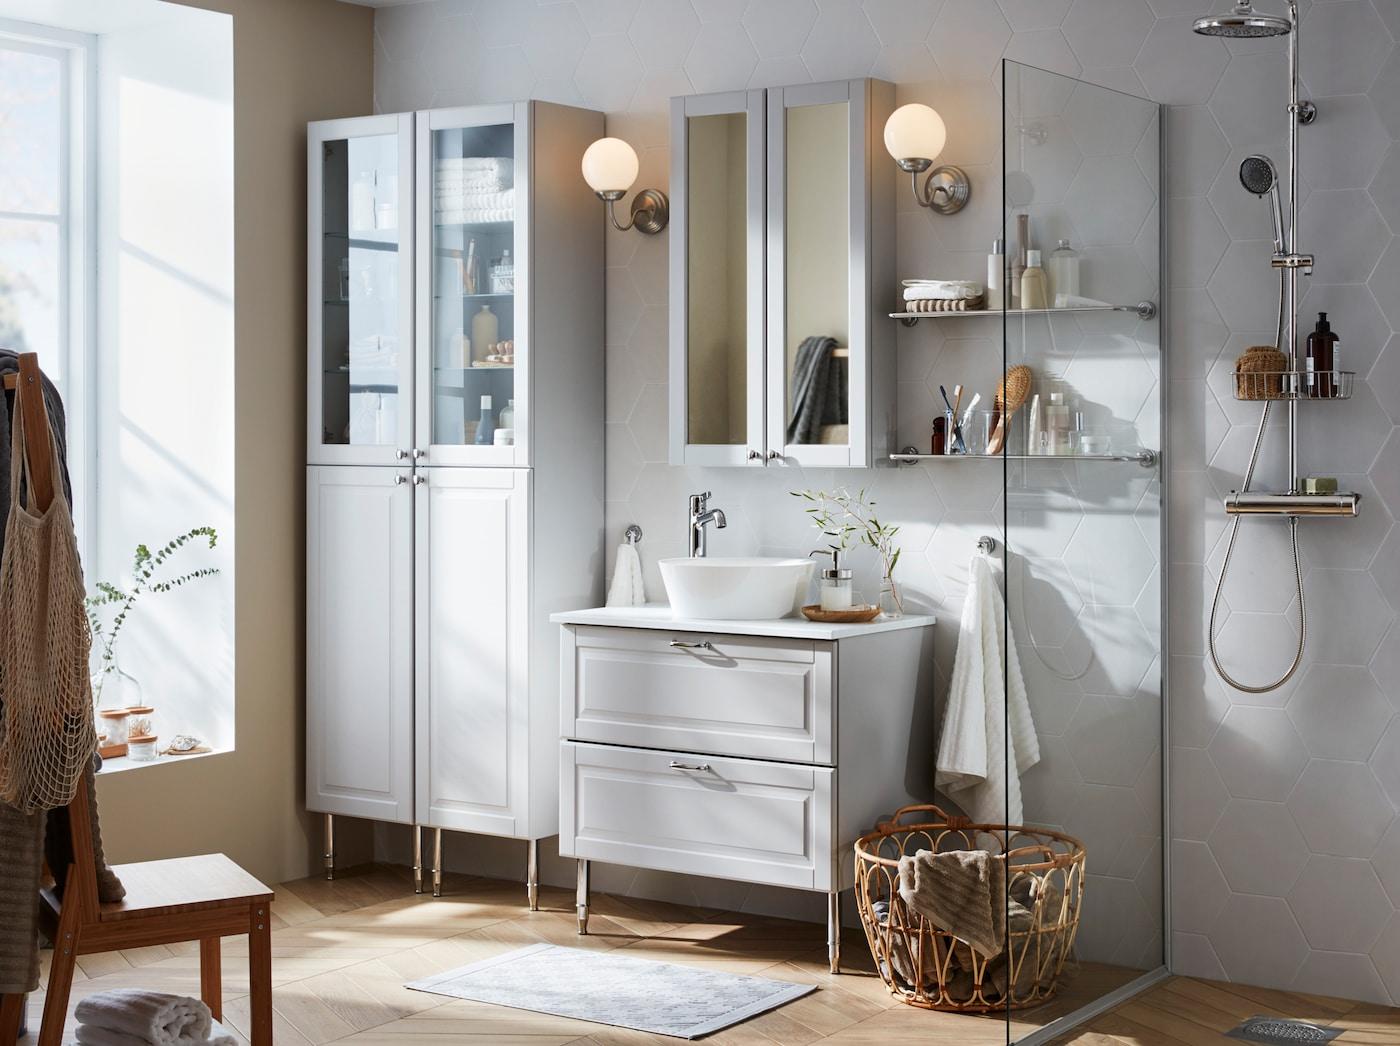 Déco Salle de bain : notre galerie de photos - IKEA